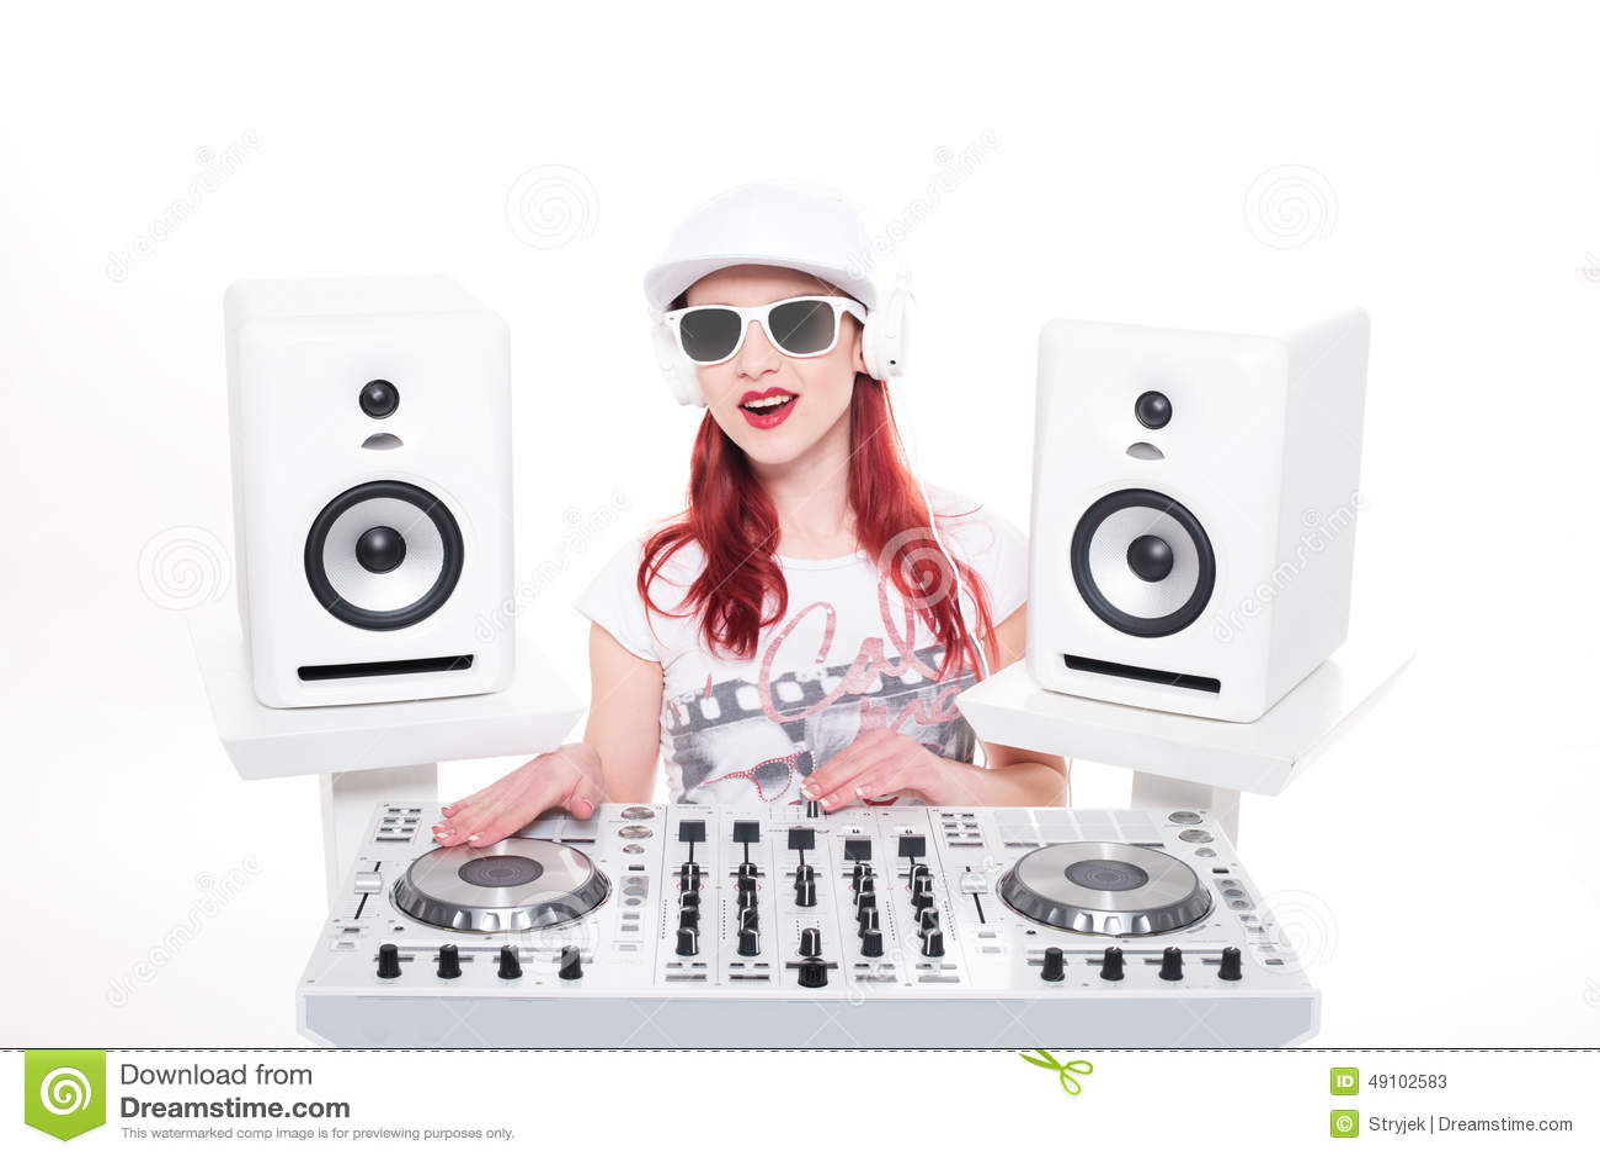 Música de mistura do DJ da fêmea na moda